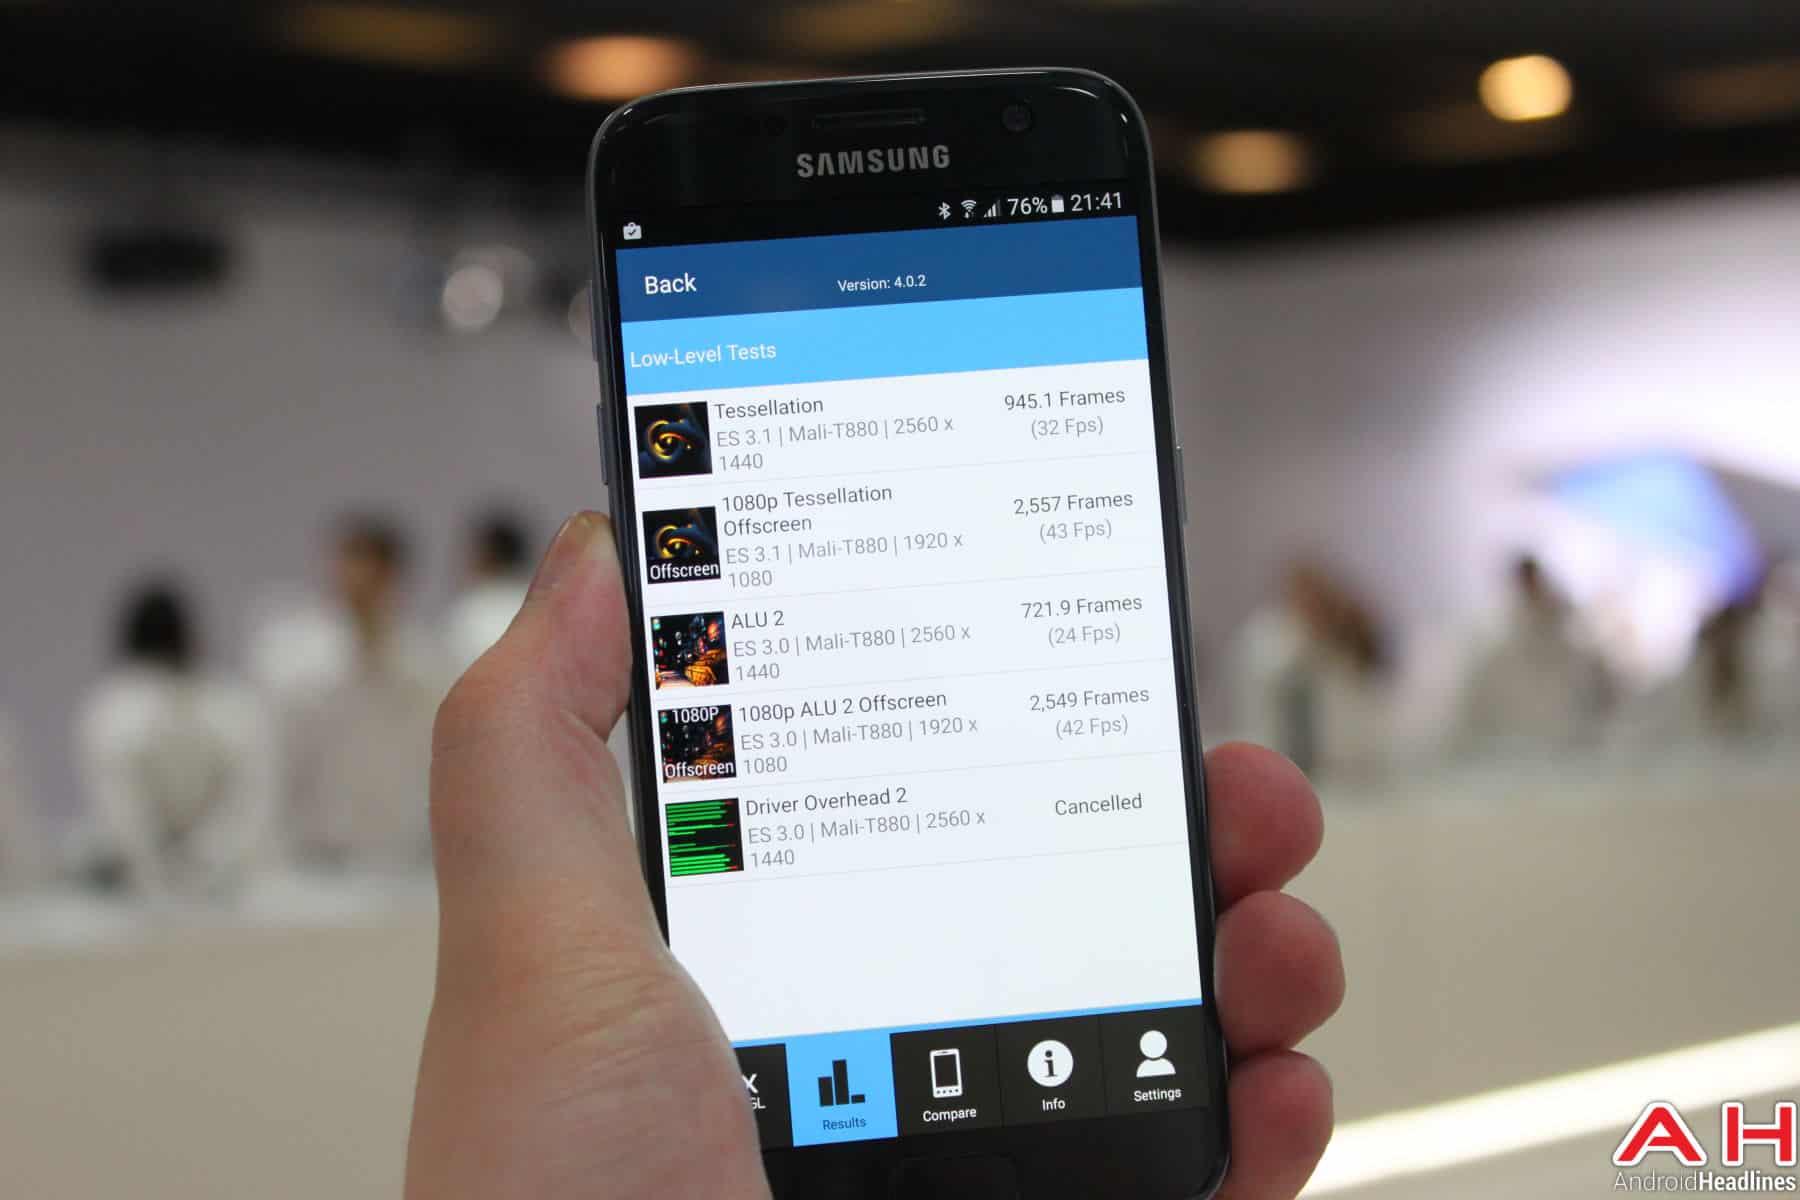 Samsung Galaxy S7 Benchmark GFX 4